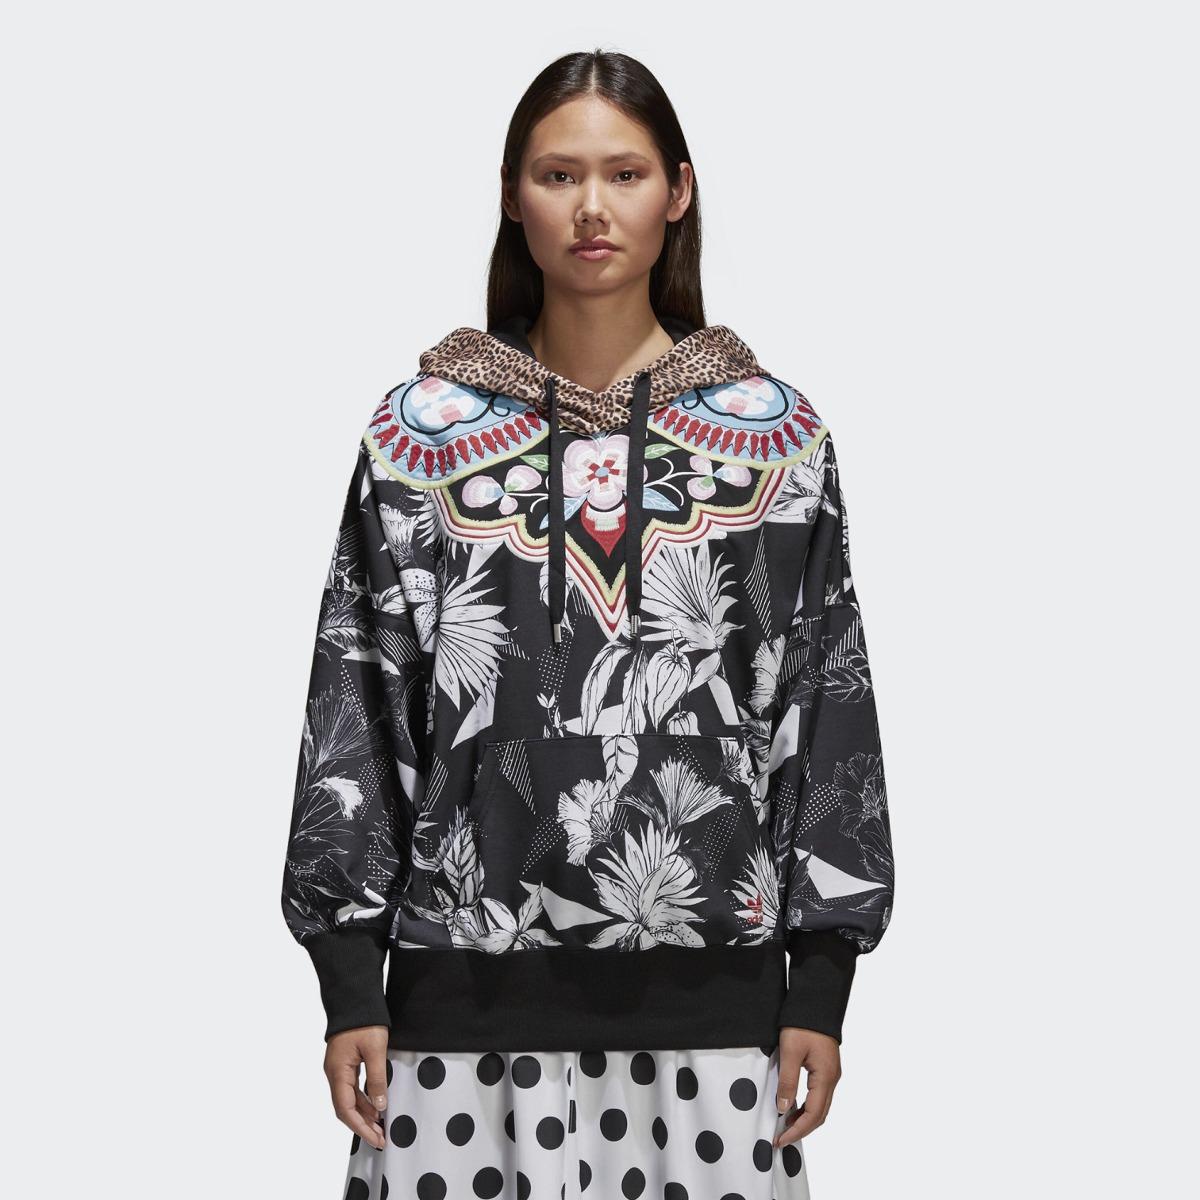 f57e236c03cbc Buzo Hoodie De Mujer Estampado Animal Print adidas Originals ...